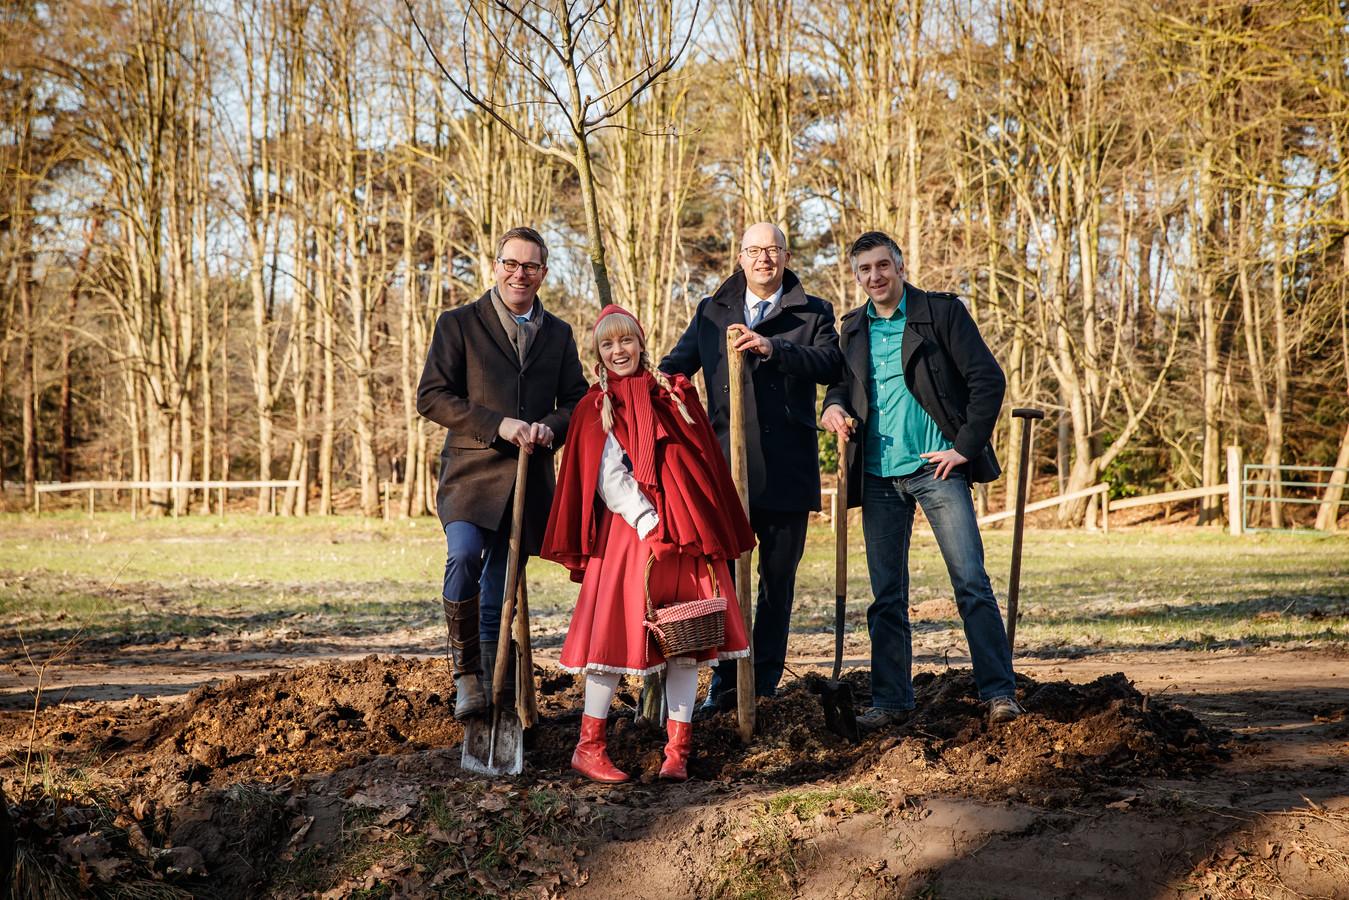 V.l.n.r. Marc van den Tweel (Natuurmonumenten) Roodkapje, Fons Jurgens (Efteling) en Celcuk Akinci (BMF) planten samen de eerste eik in het gebied.